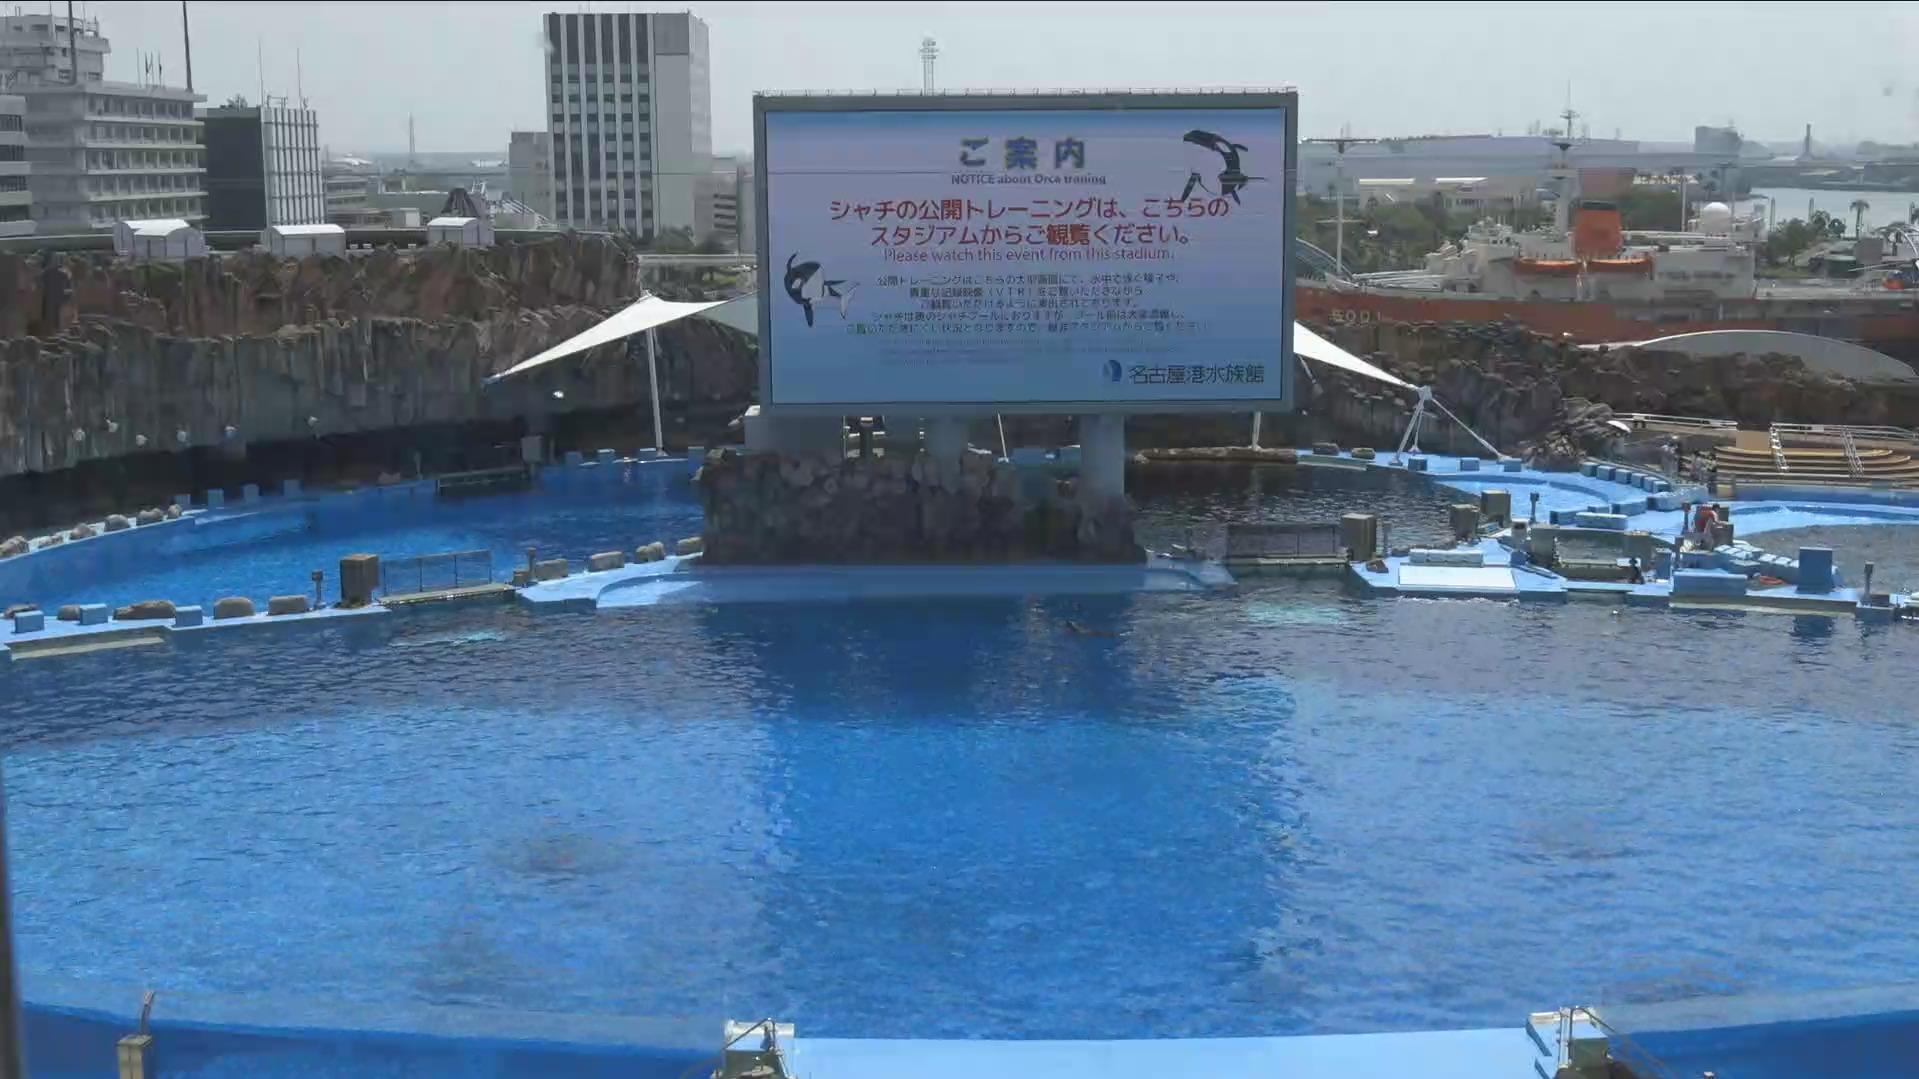 名古屋港水族館メインプールライブカメラ(愛知県名古屋市港区)